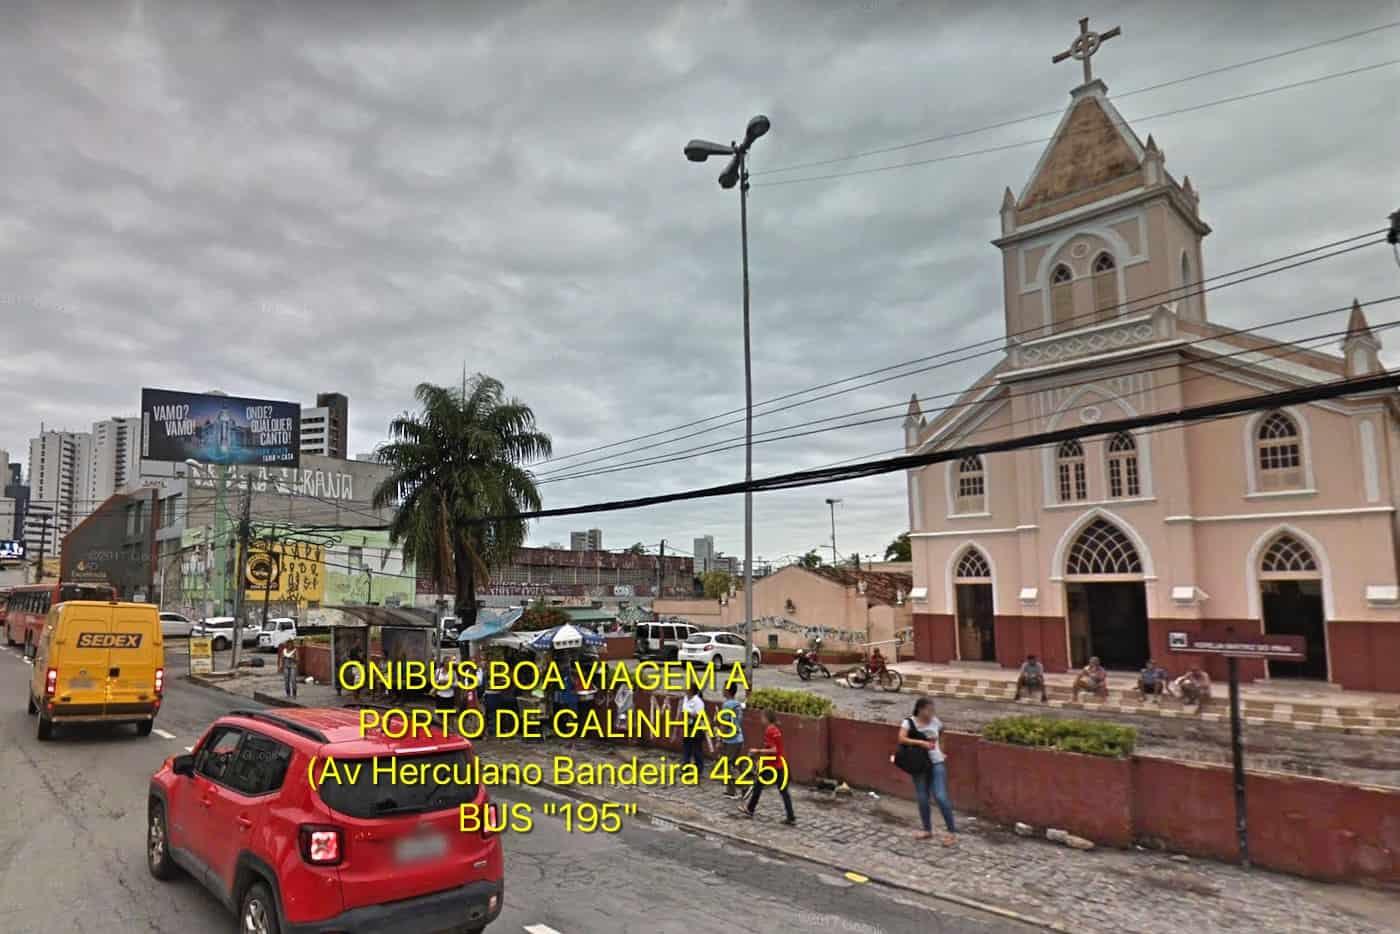 Omnibus Boa Viagem Recife a Porto de Galinhas